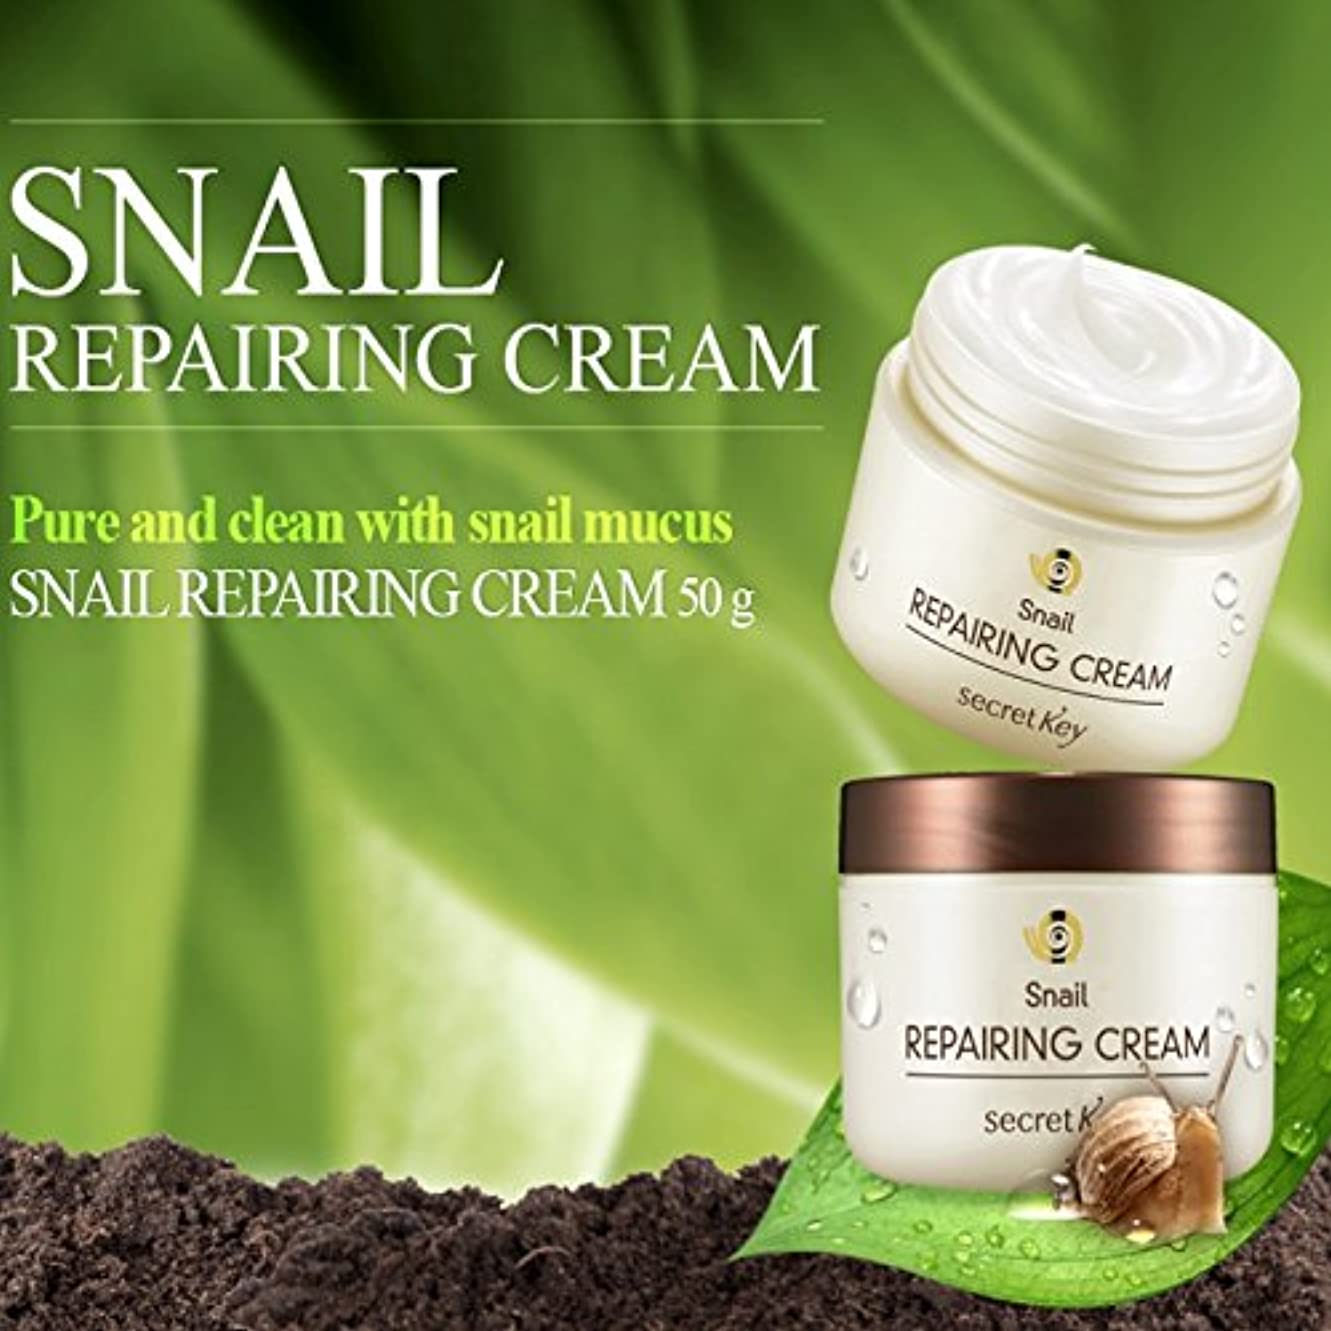 お別れ泣き叫ぶ堤防Secret Key Snail Repairing Cream Renewal 50g /シークレットキー スネイル リペアリング /100% Authentic direct from Korea/w 2 Gift...